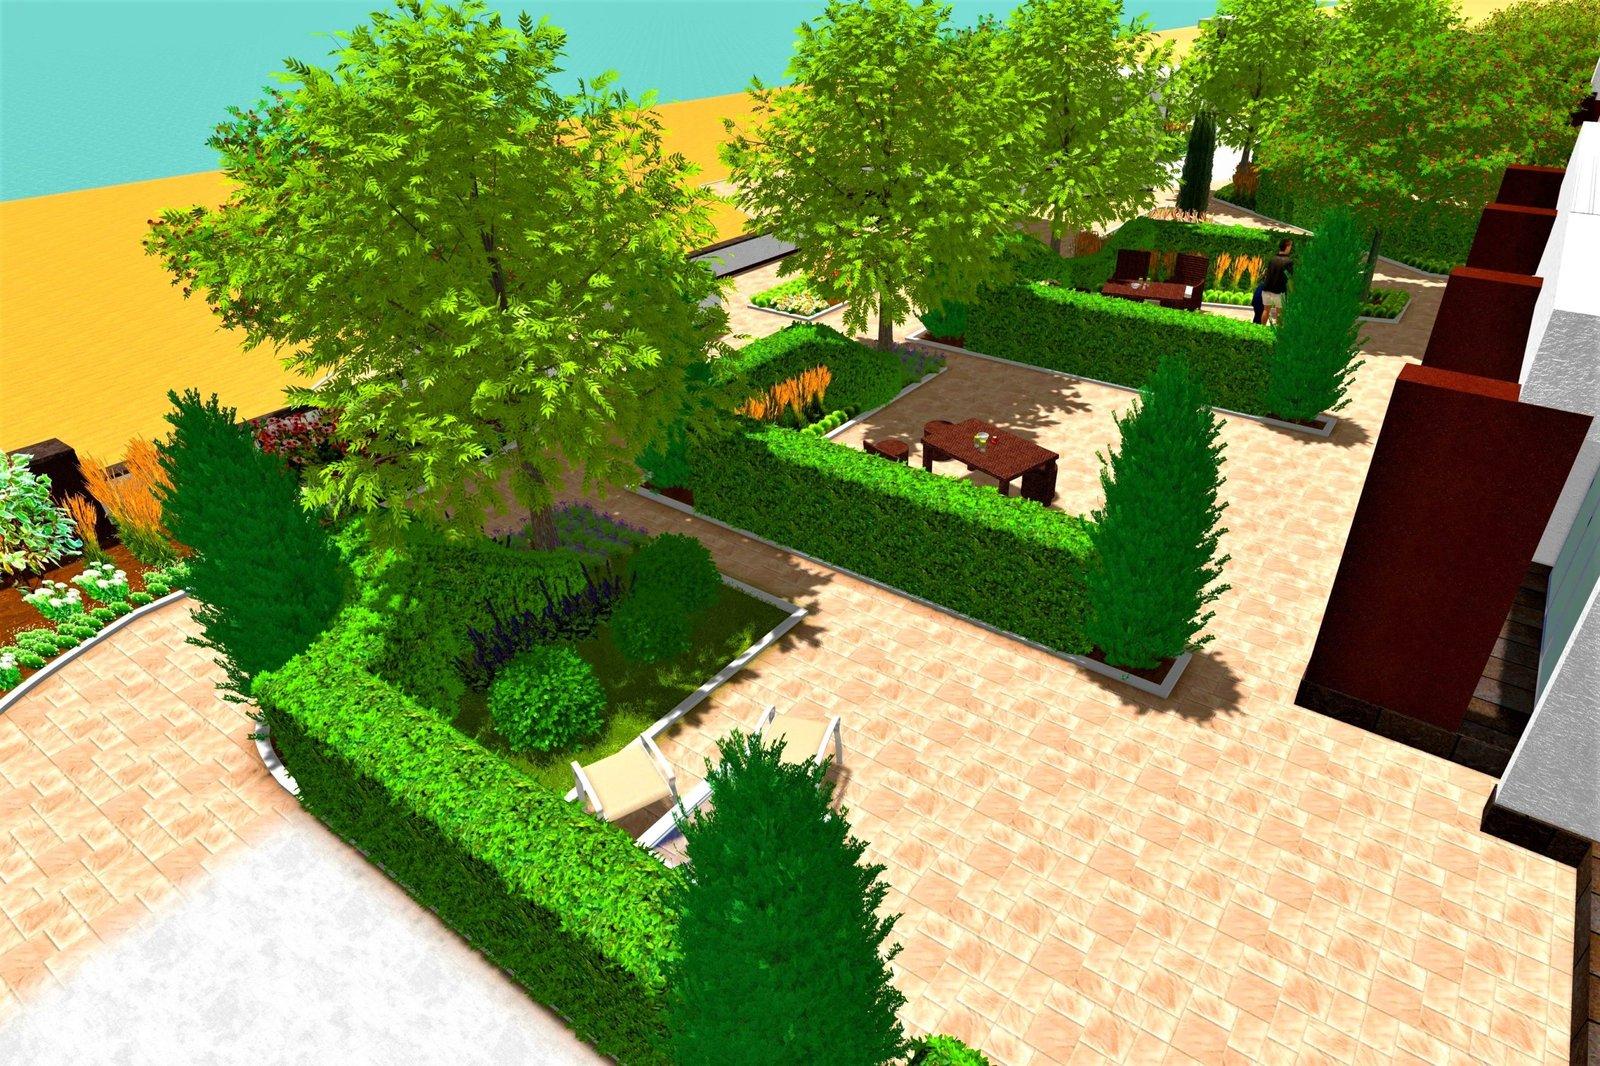 Проектирование туристических комплексов Киев, проект турбазы в Киеве, проект озеленения гостиницы в Киеве, проект озеленения отеля в Киеве